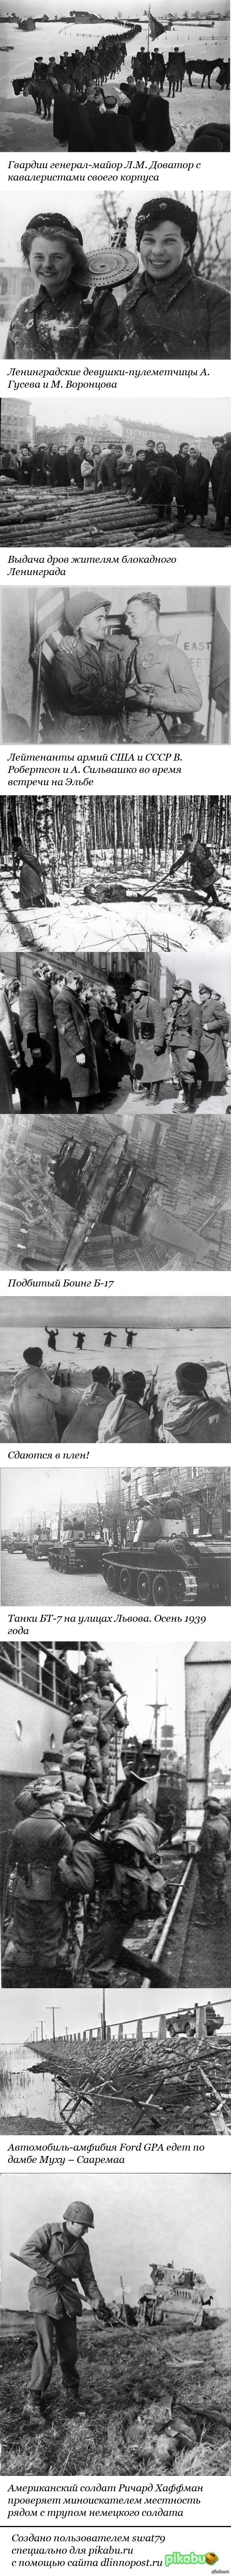 Фото Второй Мировой войны 33 для подписчиков часть 33